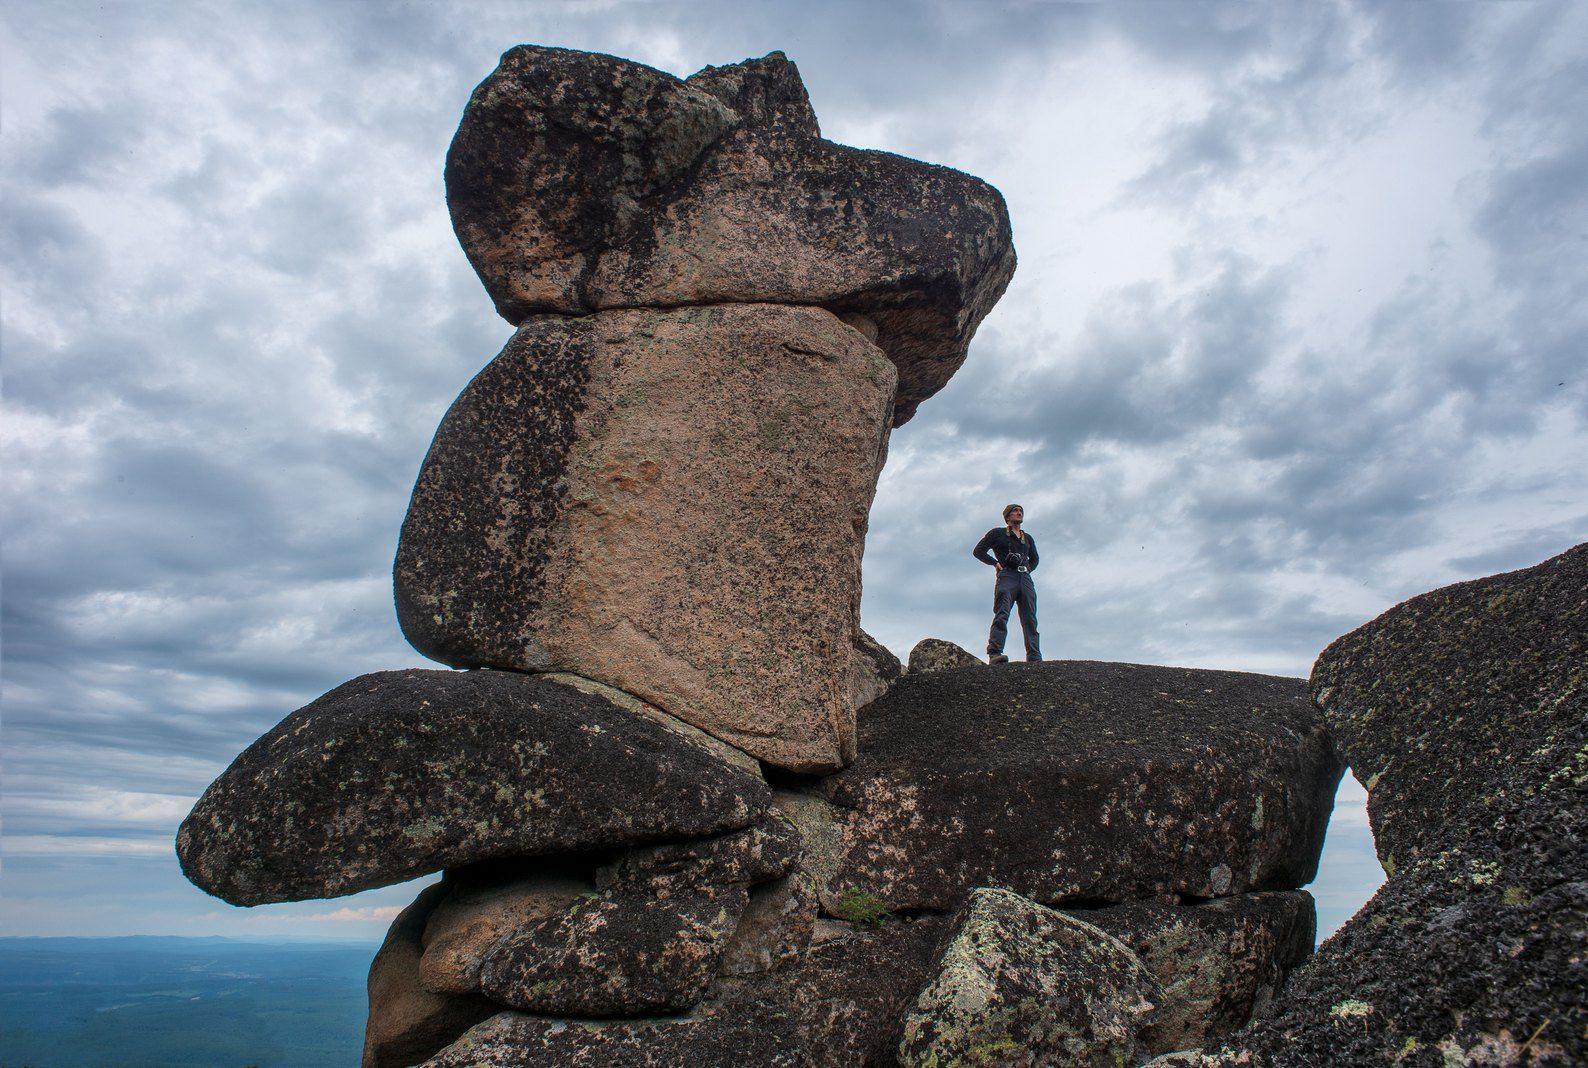 скала мана белогорье кутурчинское утро лето скульптура фигура, Мальцев Юрий